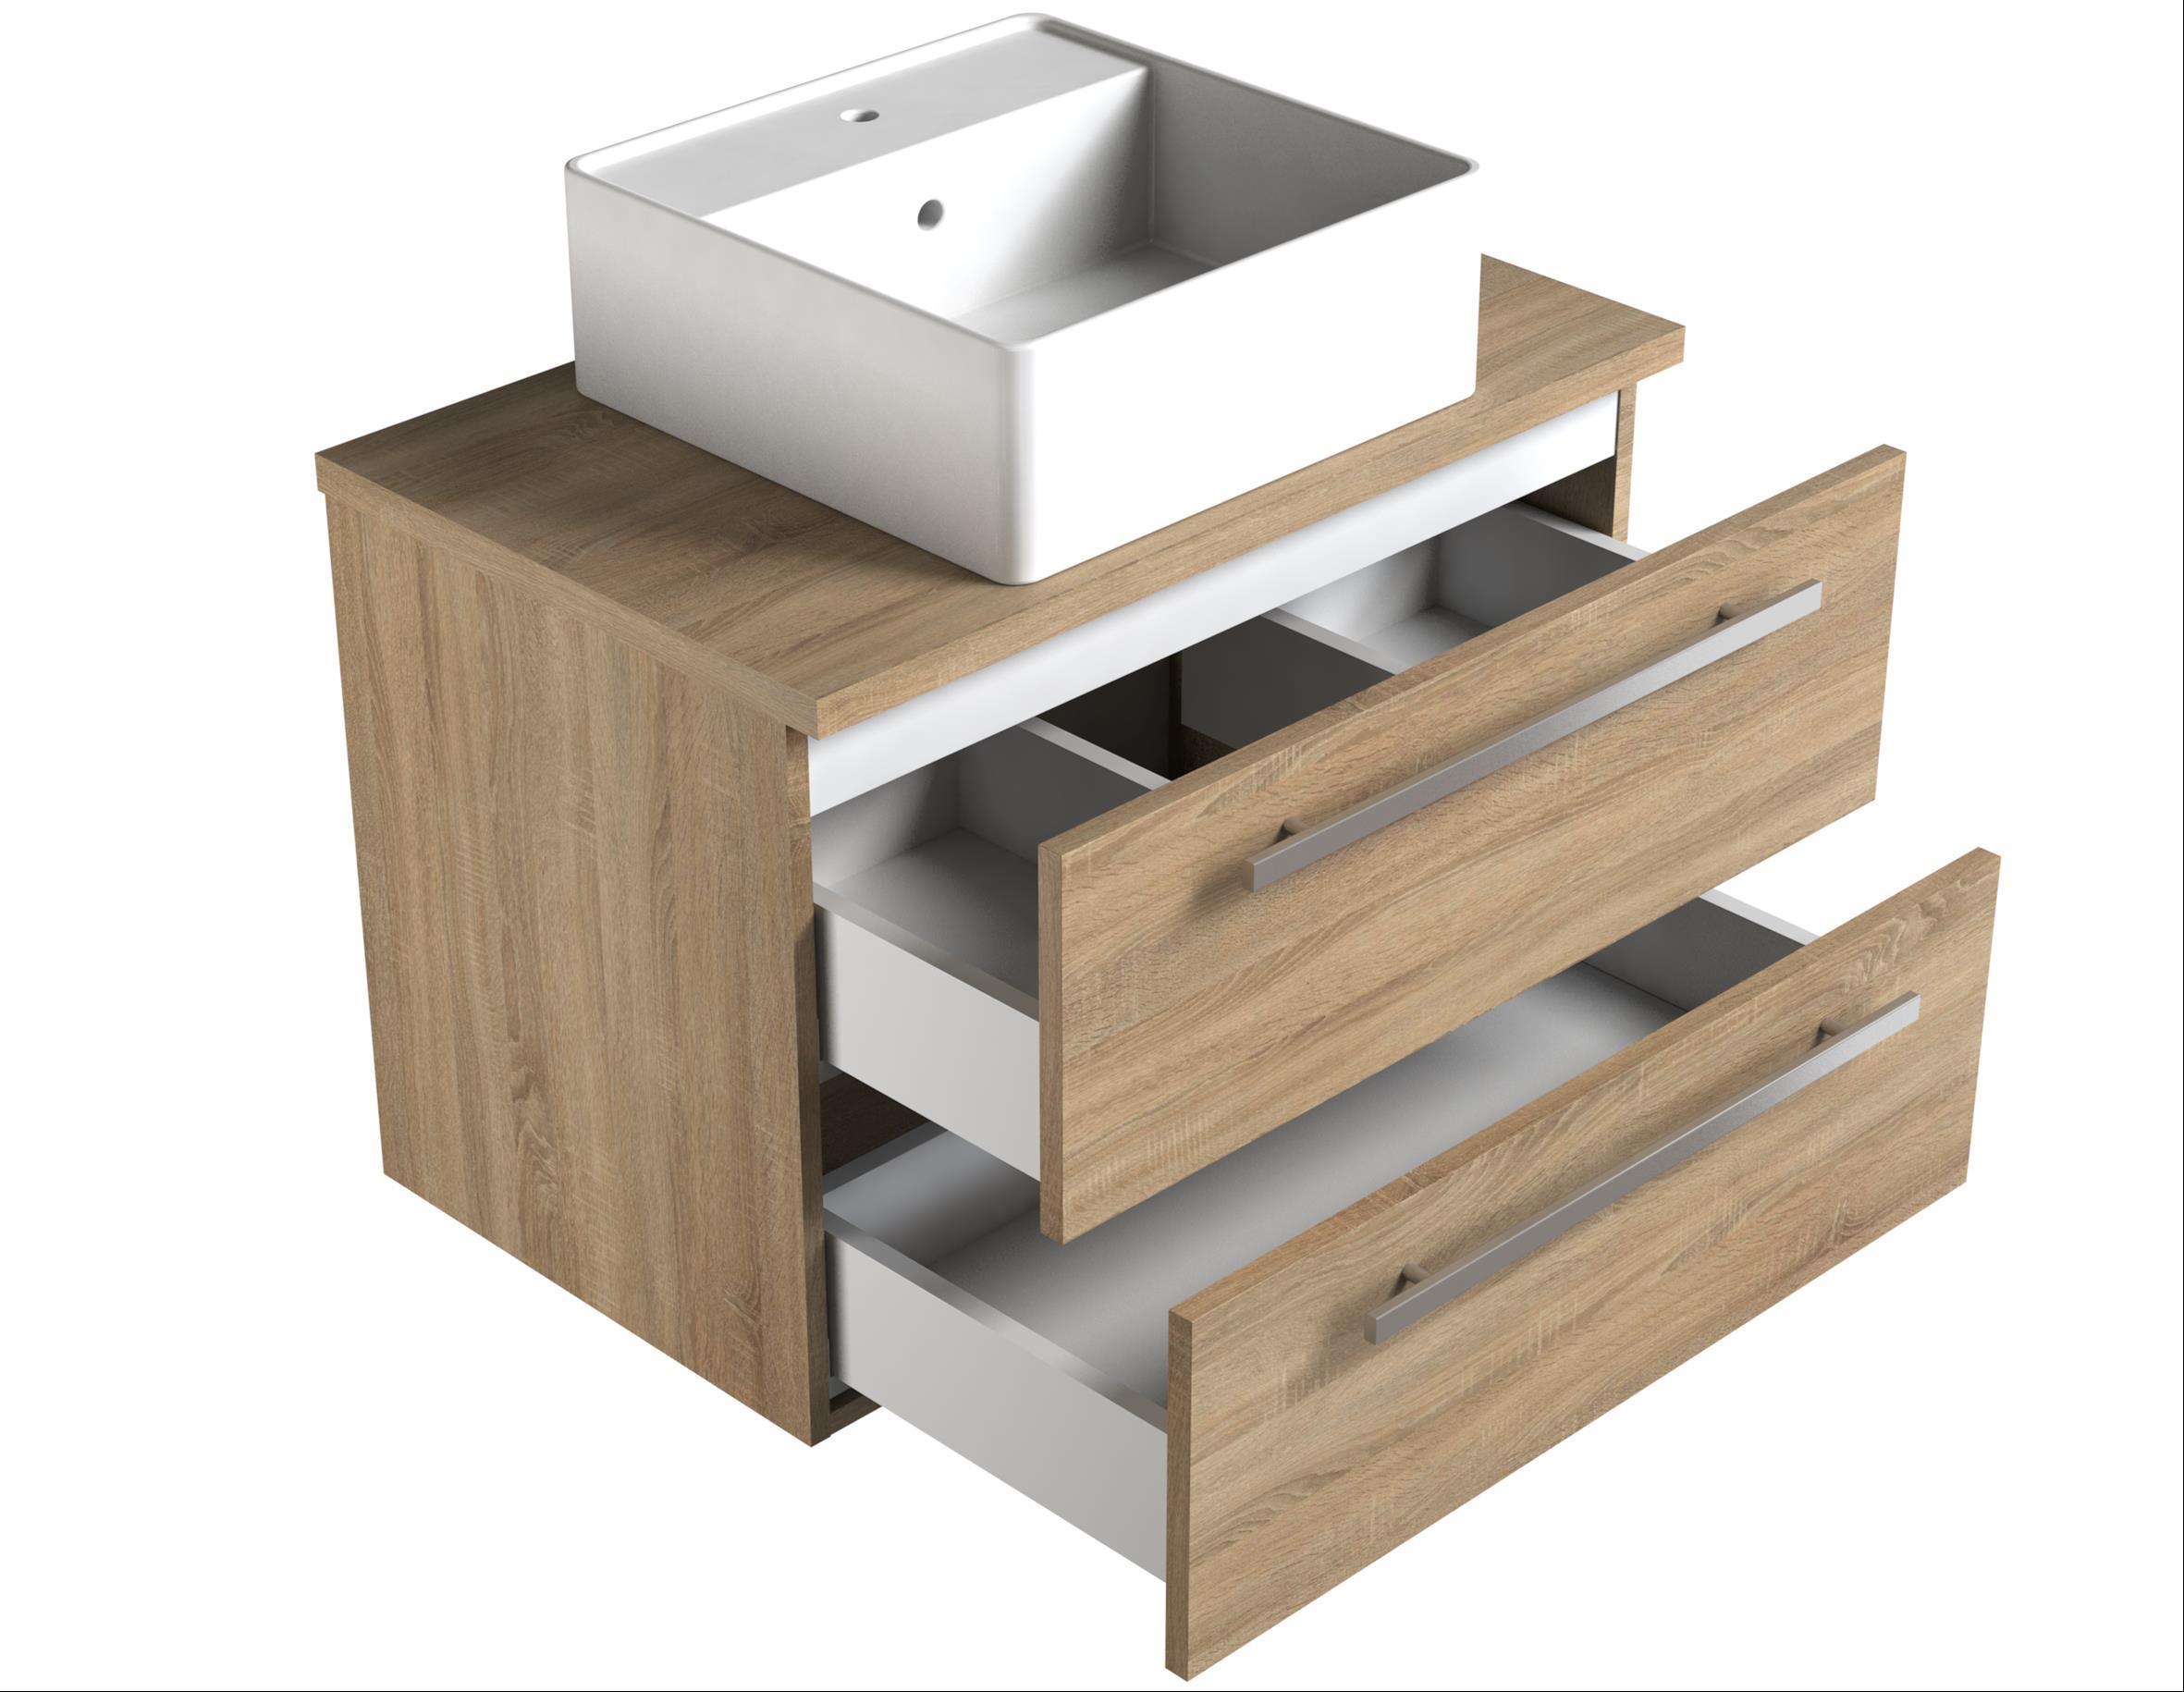 Bad Waschtischunterschrank mit Waschtischplatte und eckigem Aufsatzbecken Serena 75 Weiß glänzend/Eiche schwarz Bild 3